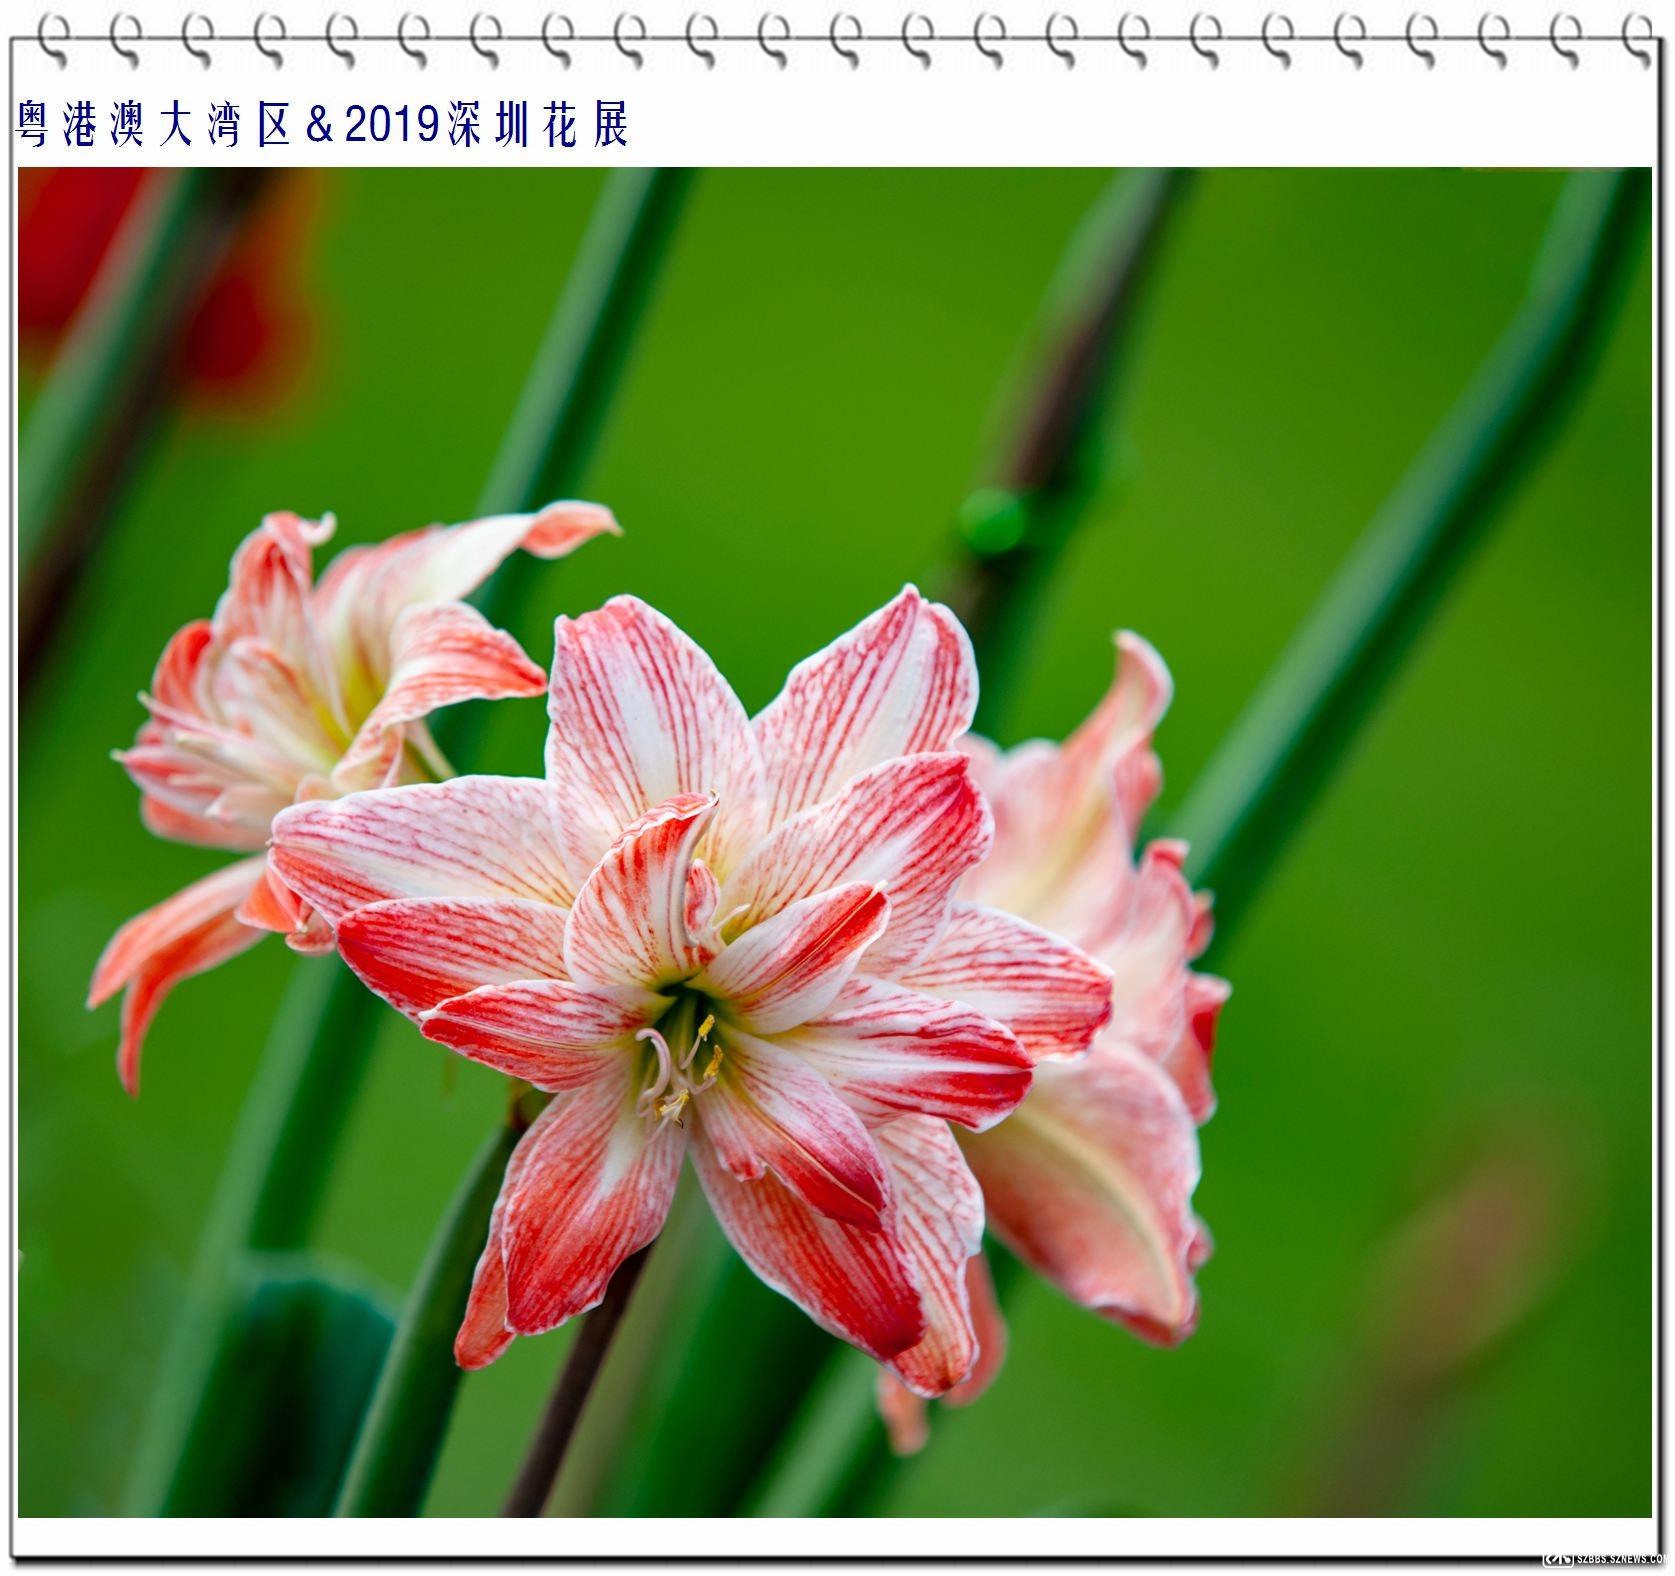 朱顶红 (2).jpg